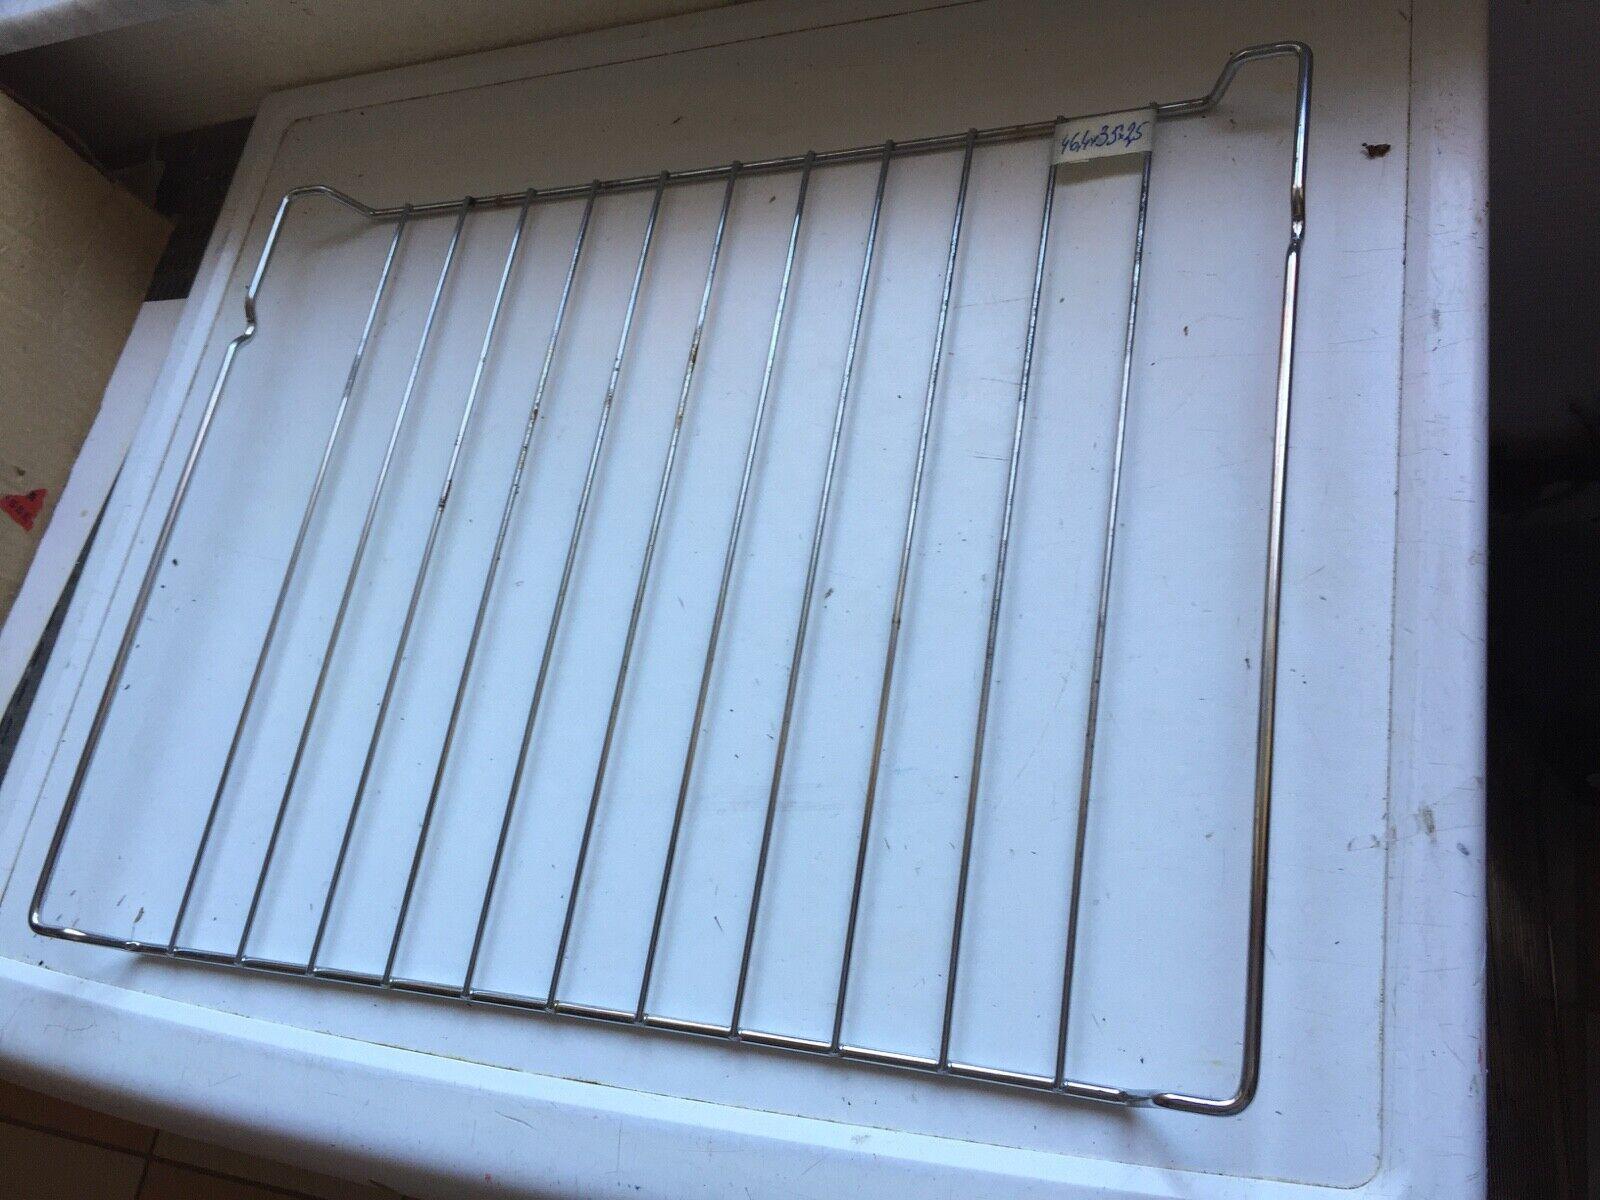 Rost,Grillrost 46,4x35x2,5 cm.für Backofen geeignet.